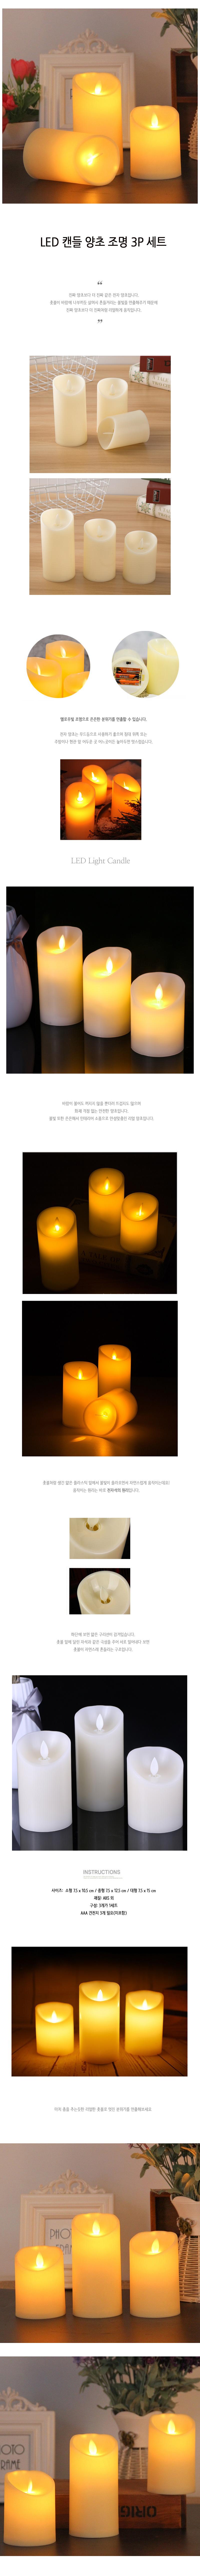 LED 캔들 양초 조명 3P 세트 - 진바스, 15,000원, 리빙조명, 테이블조명